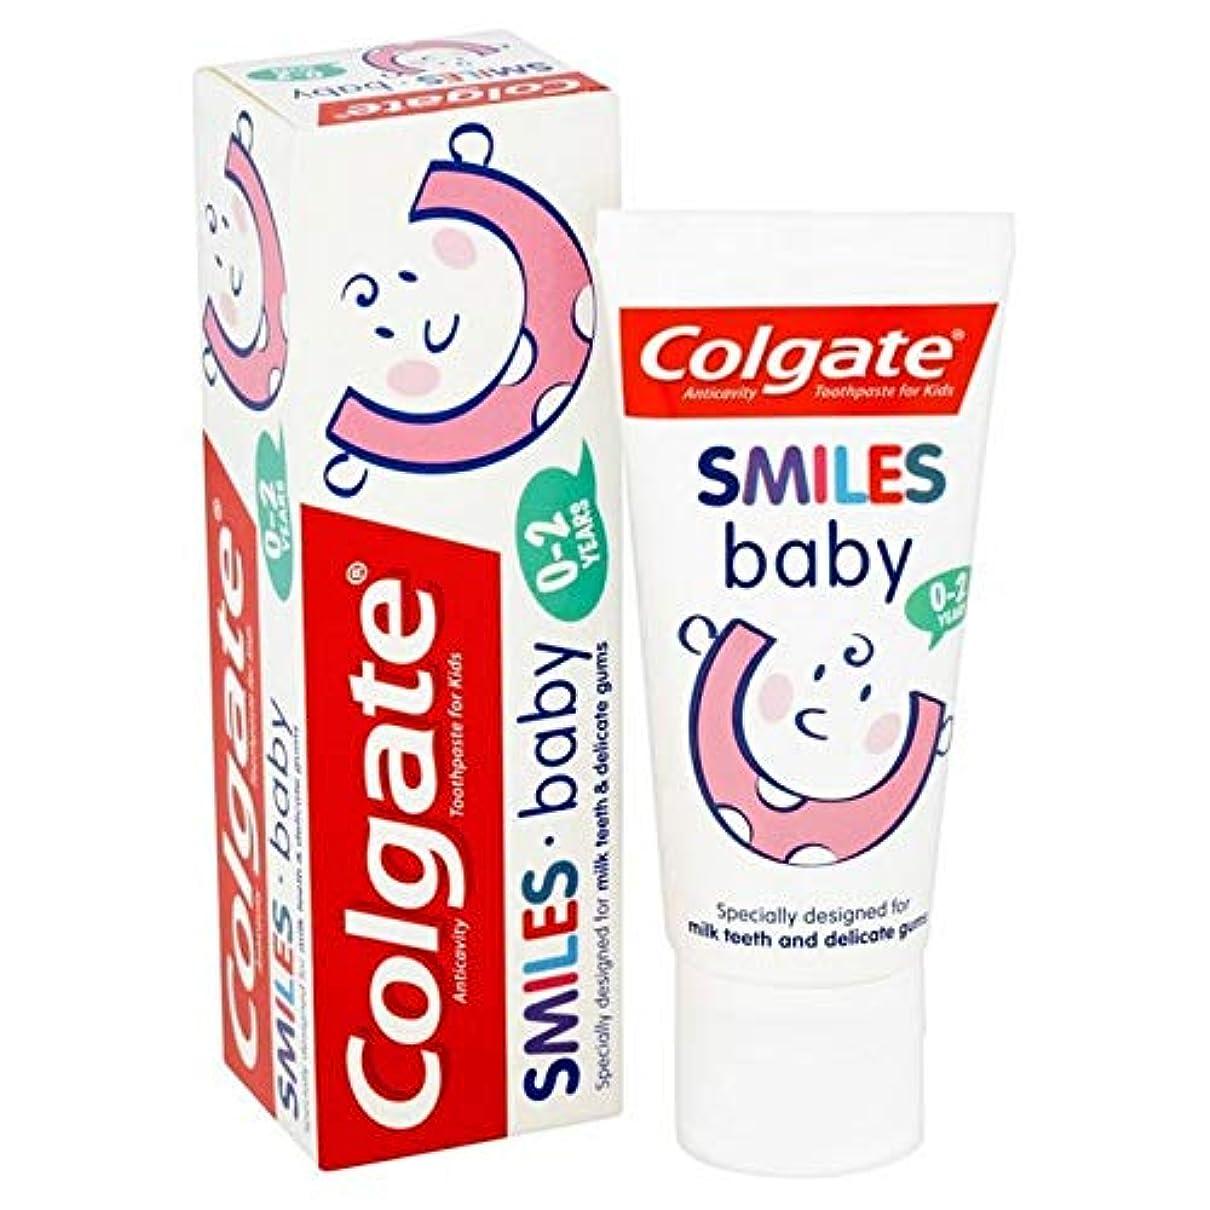 セージリールプレビュー[Colgate ] コルゲートは、赤ちゃんの0-2年の歯磨き粉50ミリリットルを笑顔 - Colgate Smiles Baby 0-2 years Toothpaste 50ml [並行輸入品]